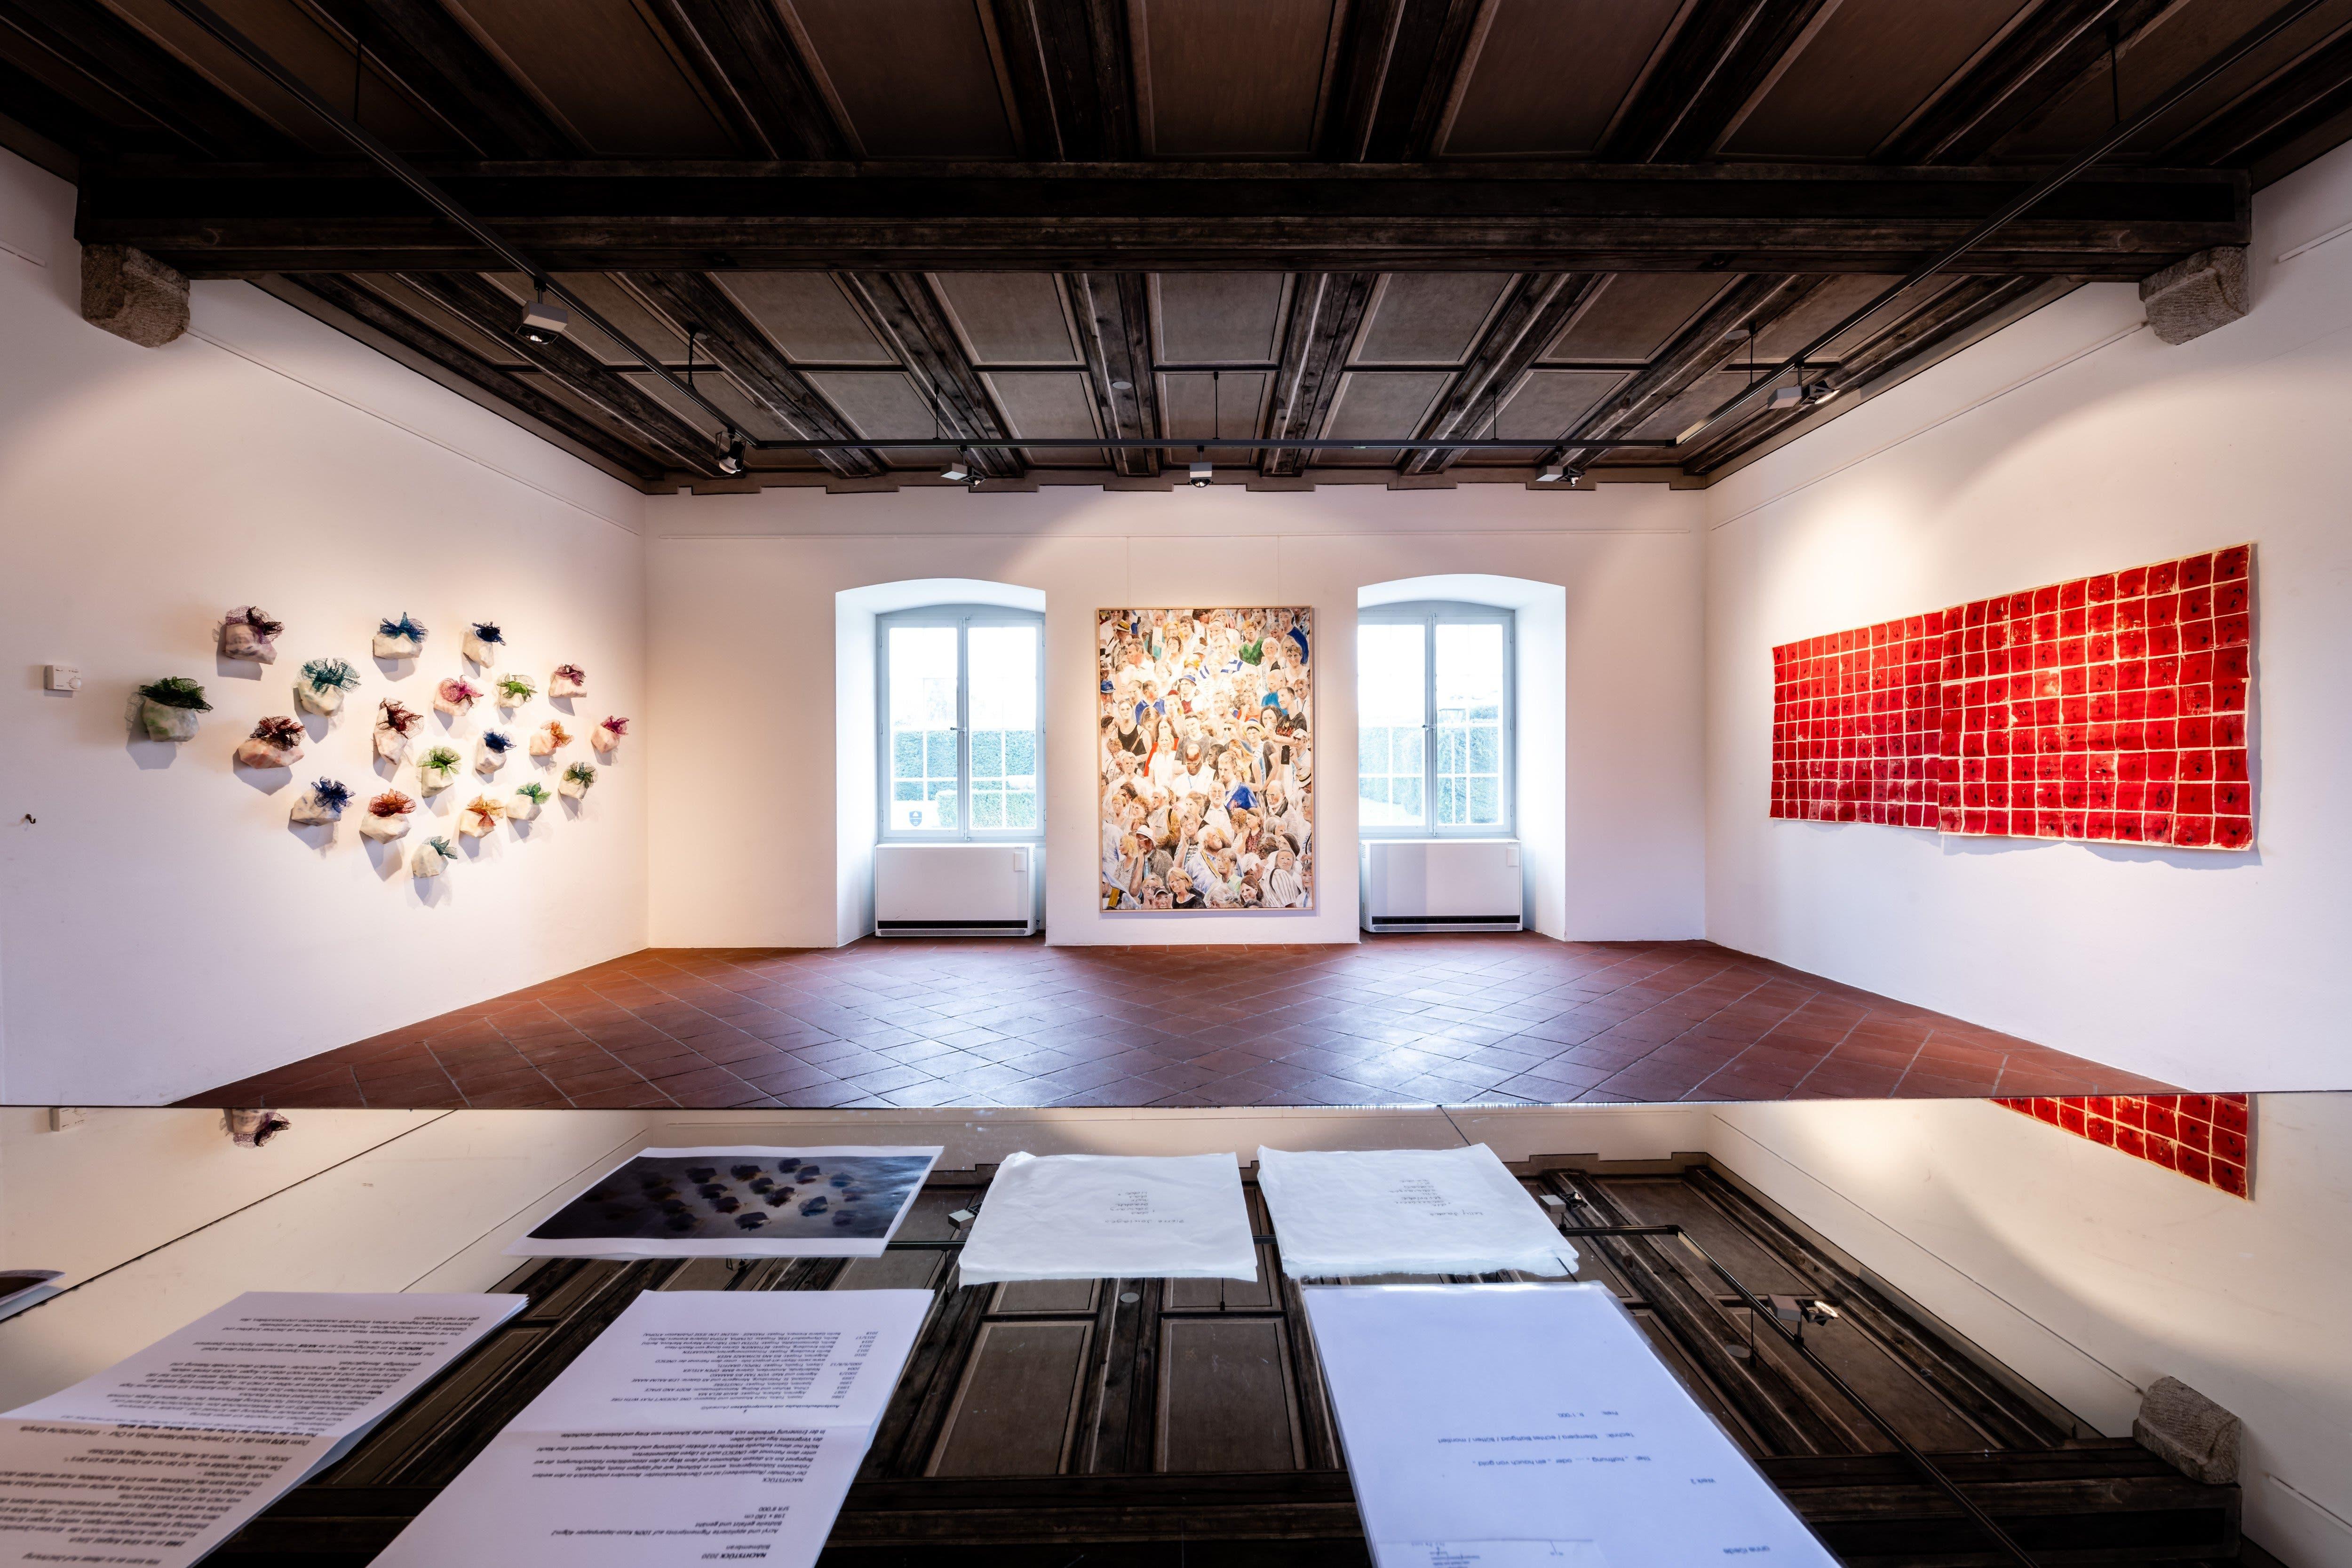 Rund 100 Arbeiten der Mitglieder von Visarte, Sektion Solothurn sind im Schlösschen in Biberist zu entdecken.